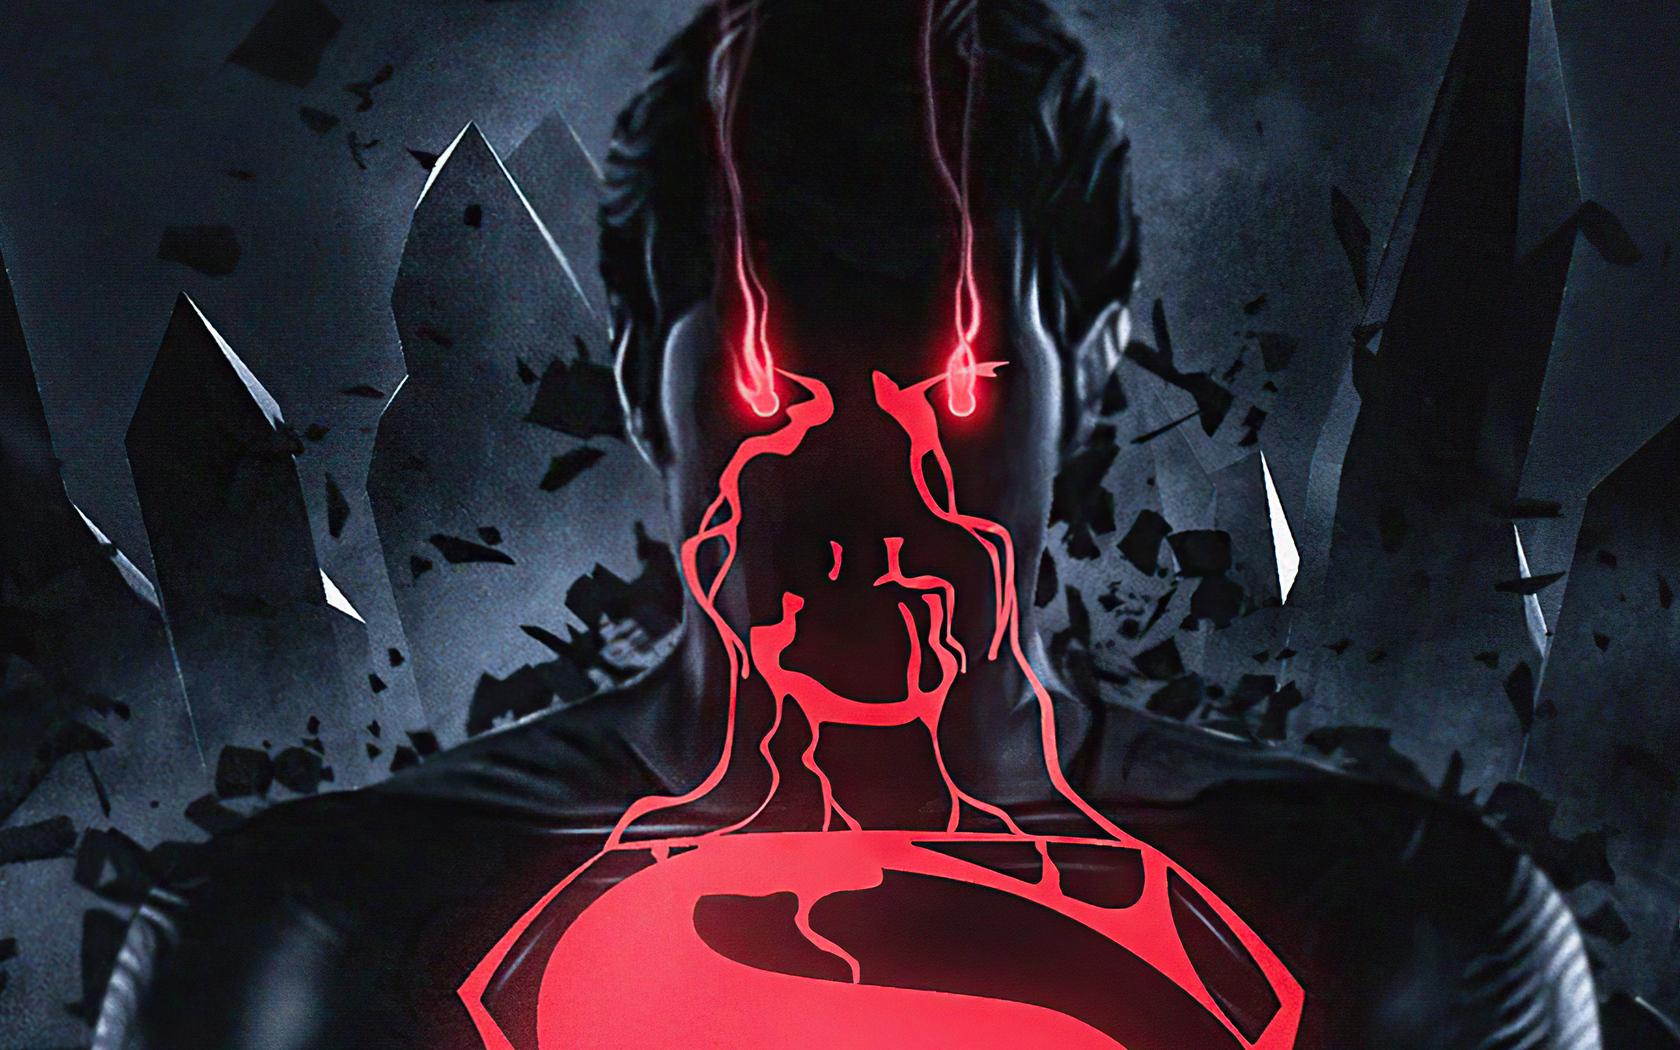 superman-do-you-bleed-4k-oc.jpg